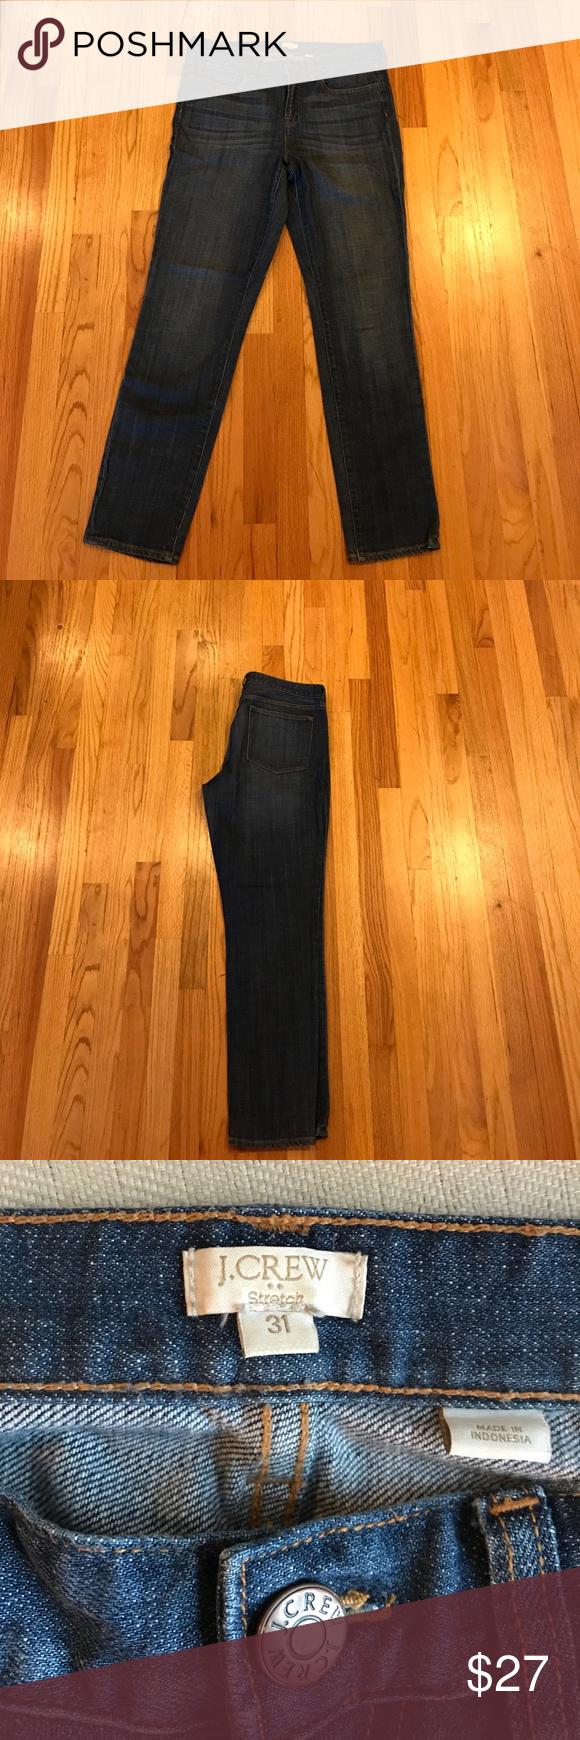 J. Crew skinny jeans Stretchy J. Crew skinny jeans. Not distressed. J. Crew Jeans Skinny